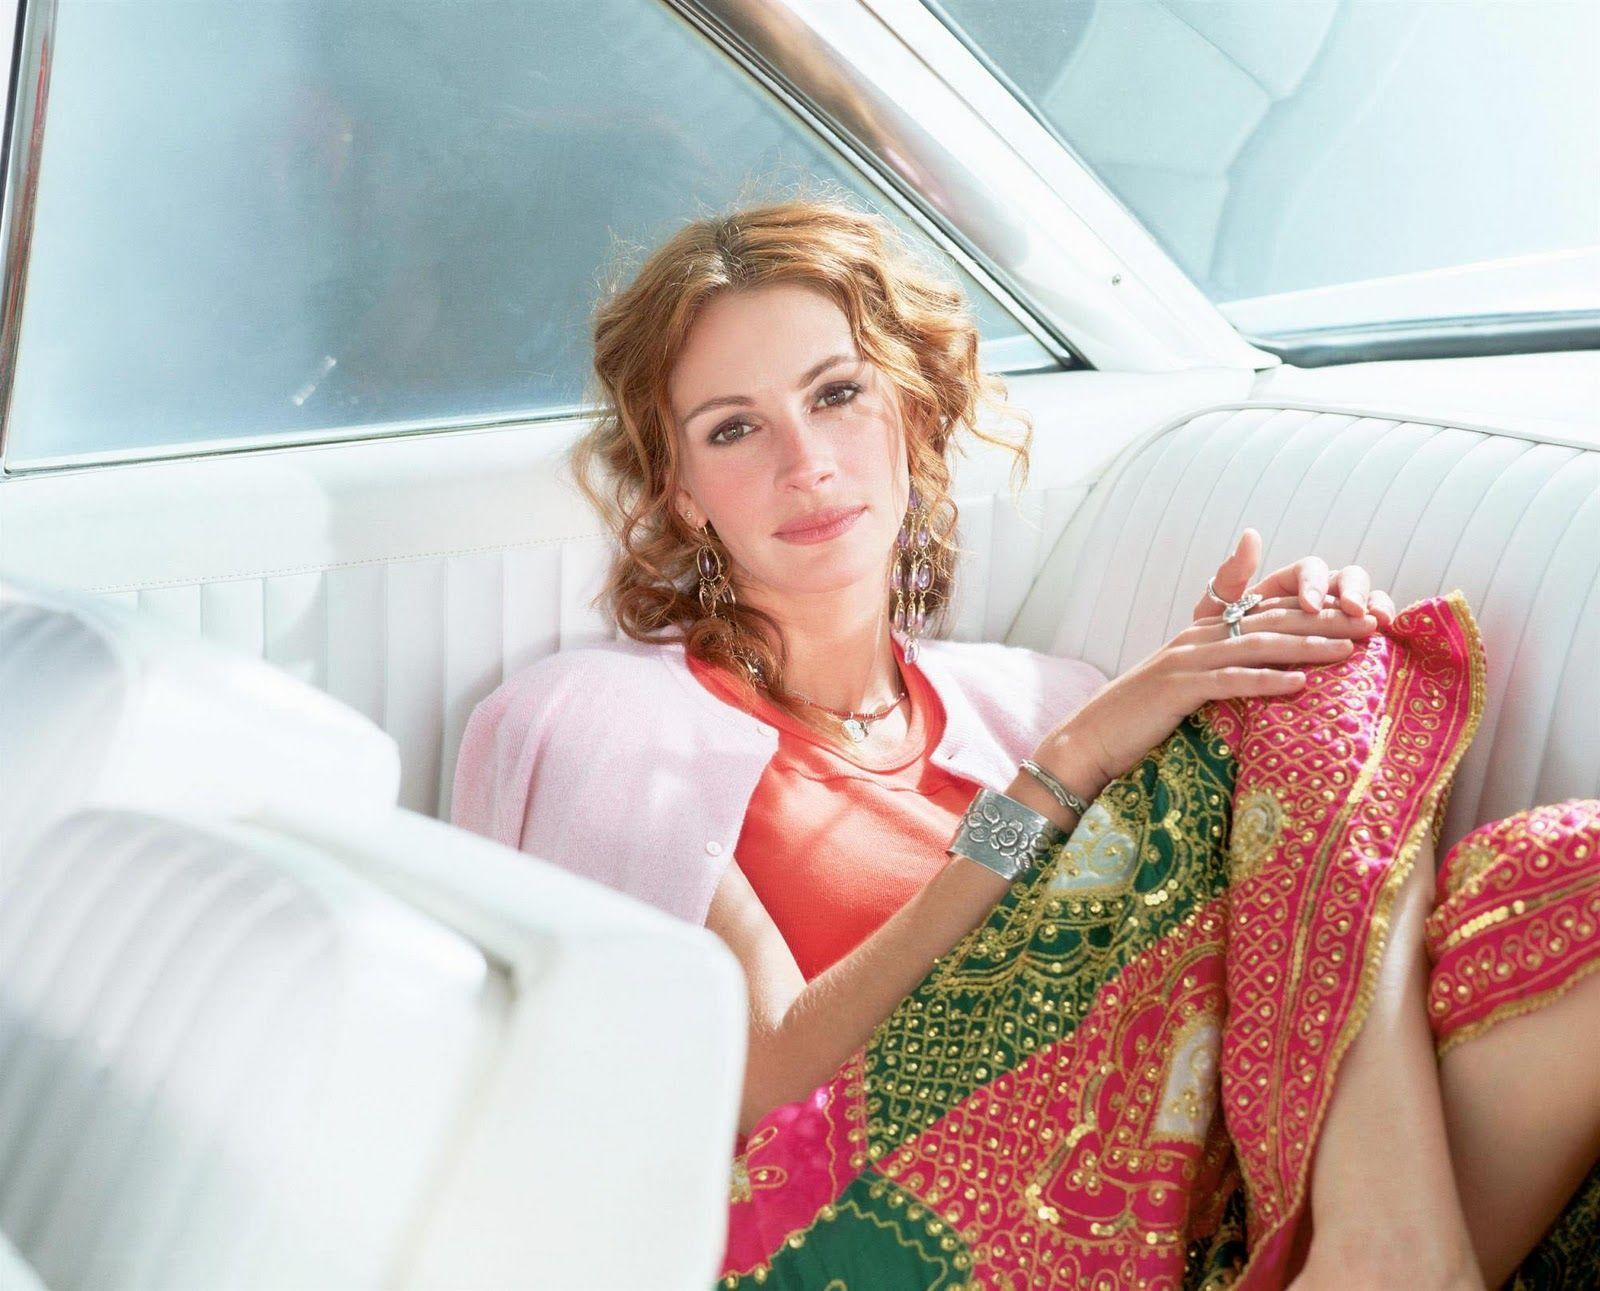 Desktop-pictures-julia-roberts-wallpapers-photos-julia-roberts-wallpaper-12.jpg (1600×1291)